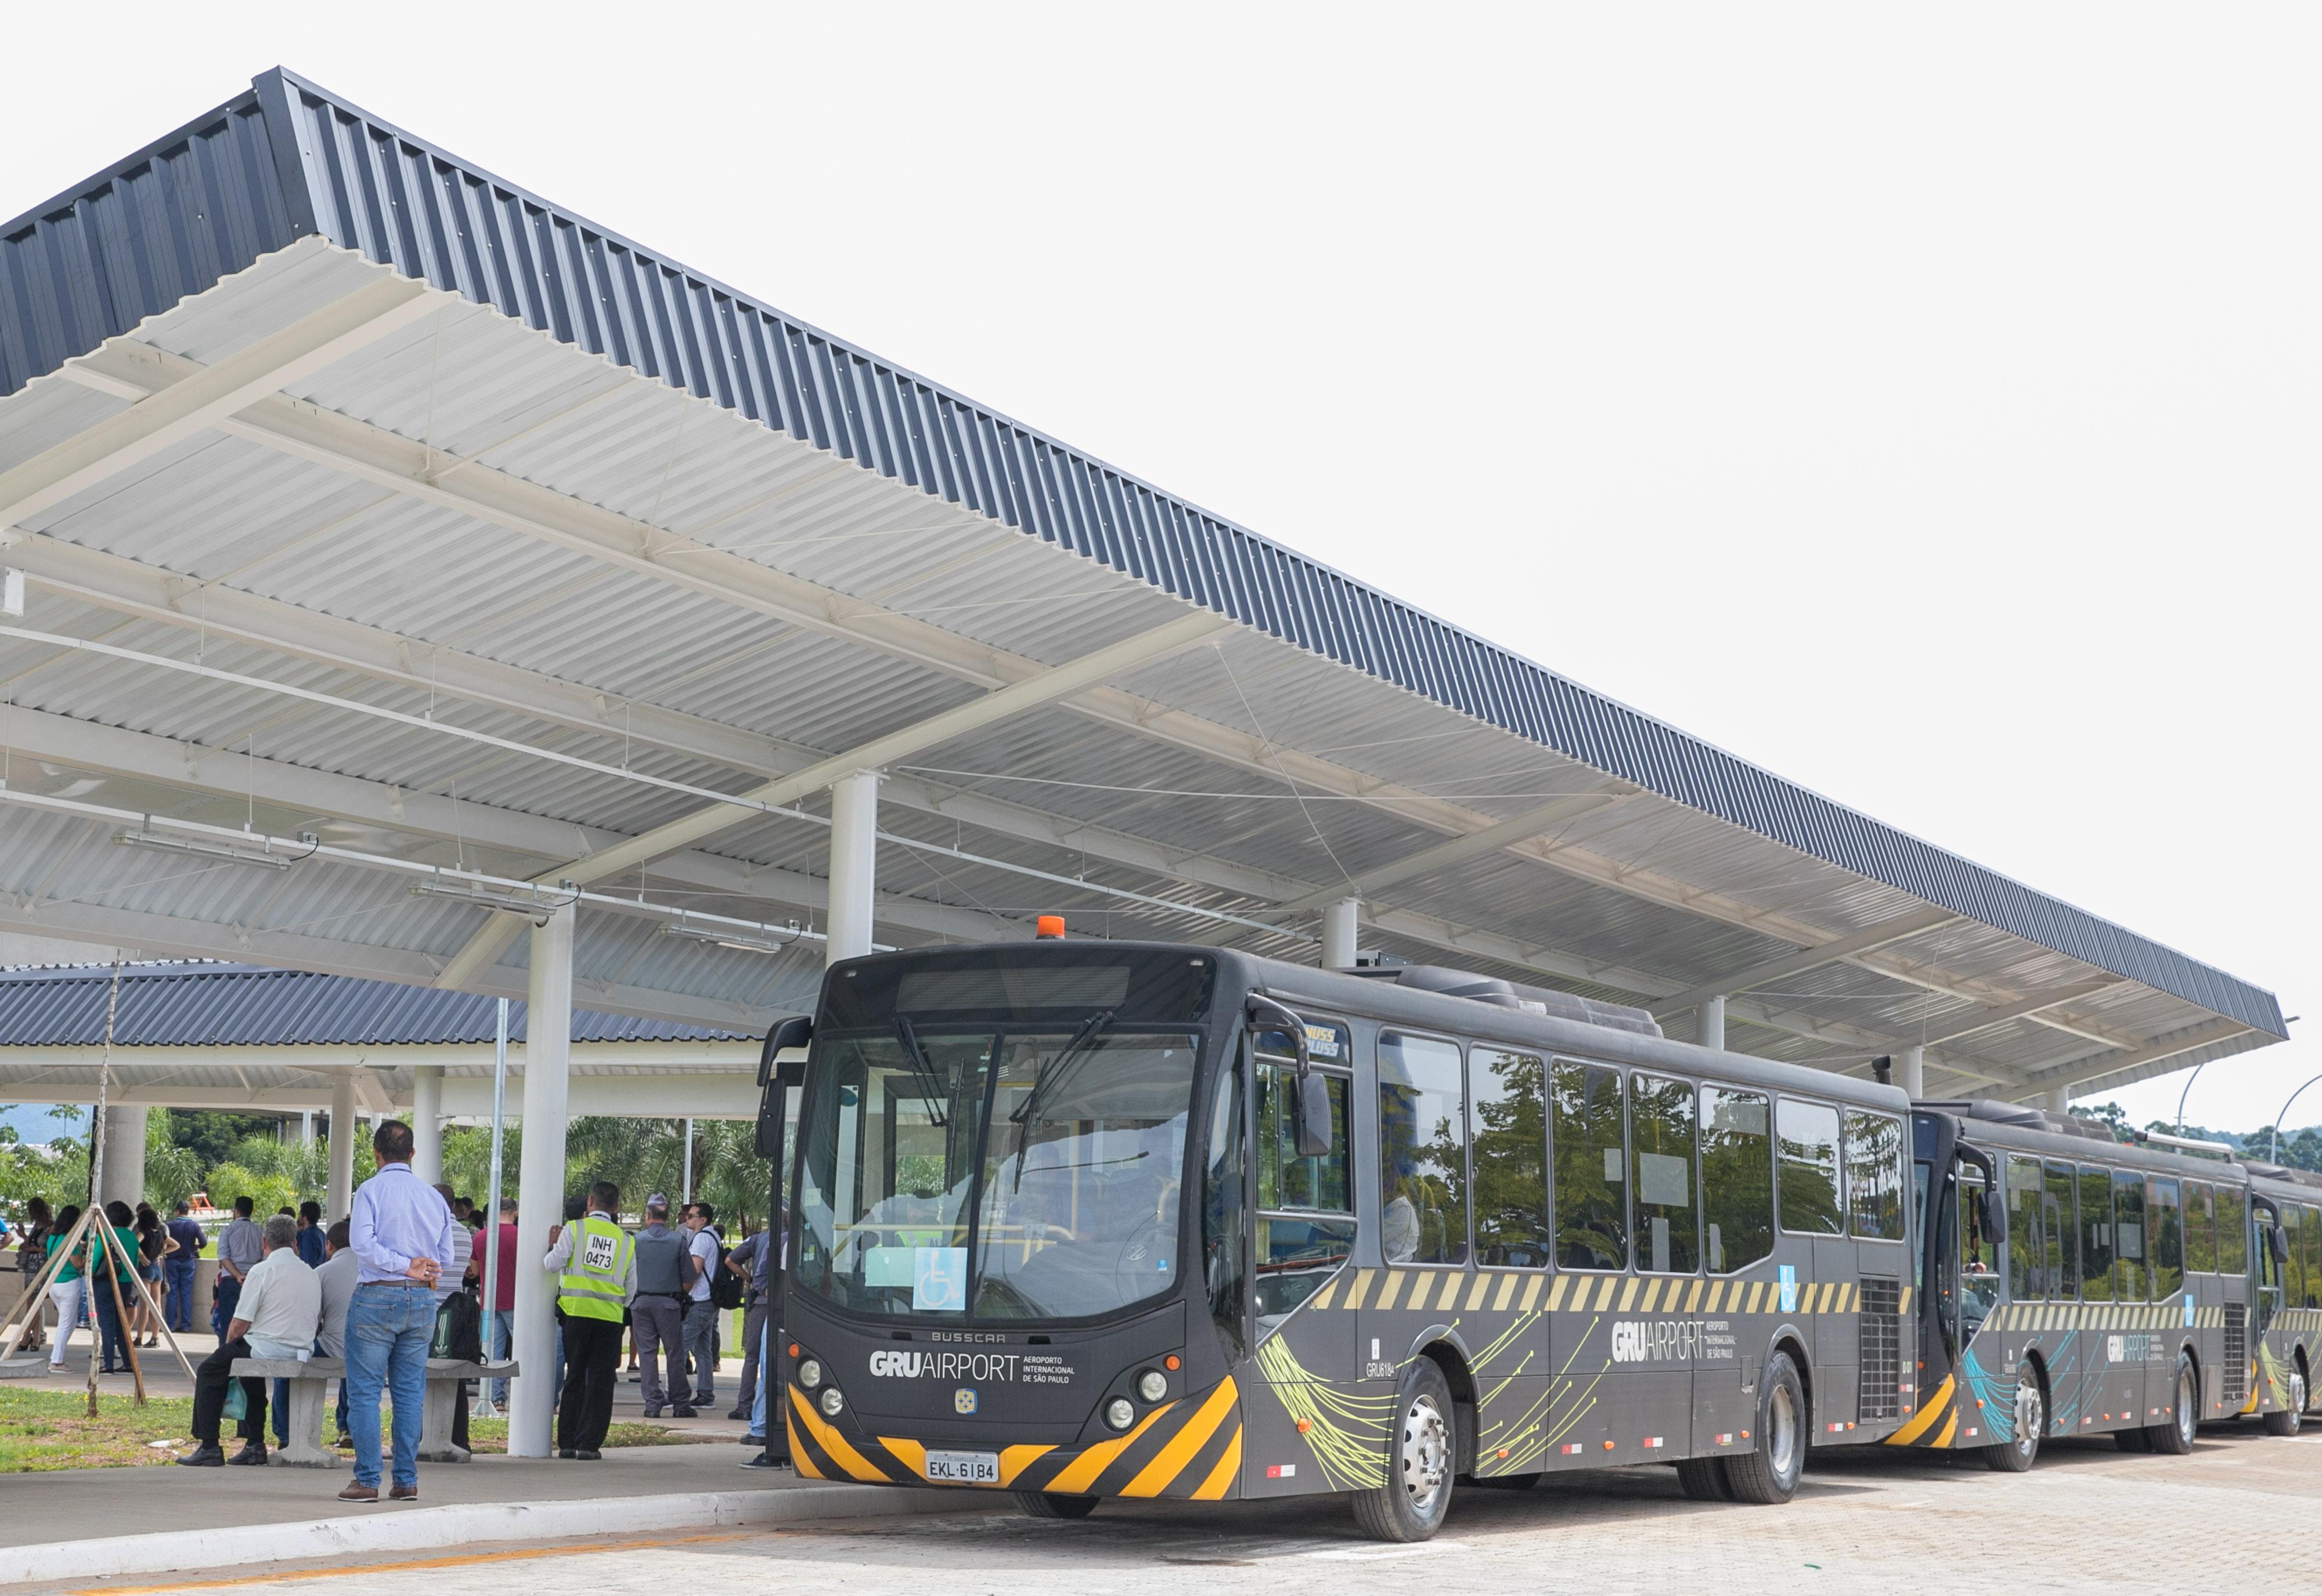 Aeroporto Gru : File Ônibus circular gru airport aeroporto de guarulhos para